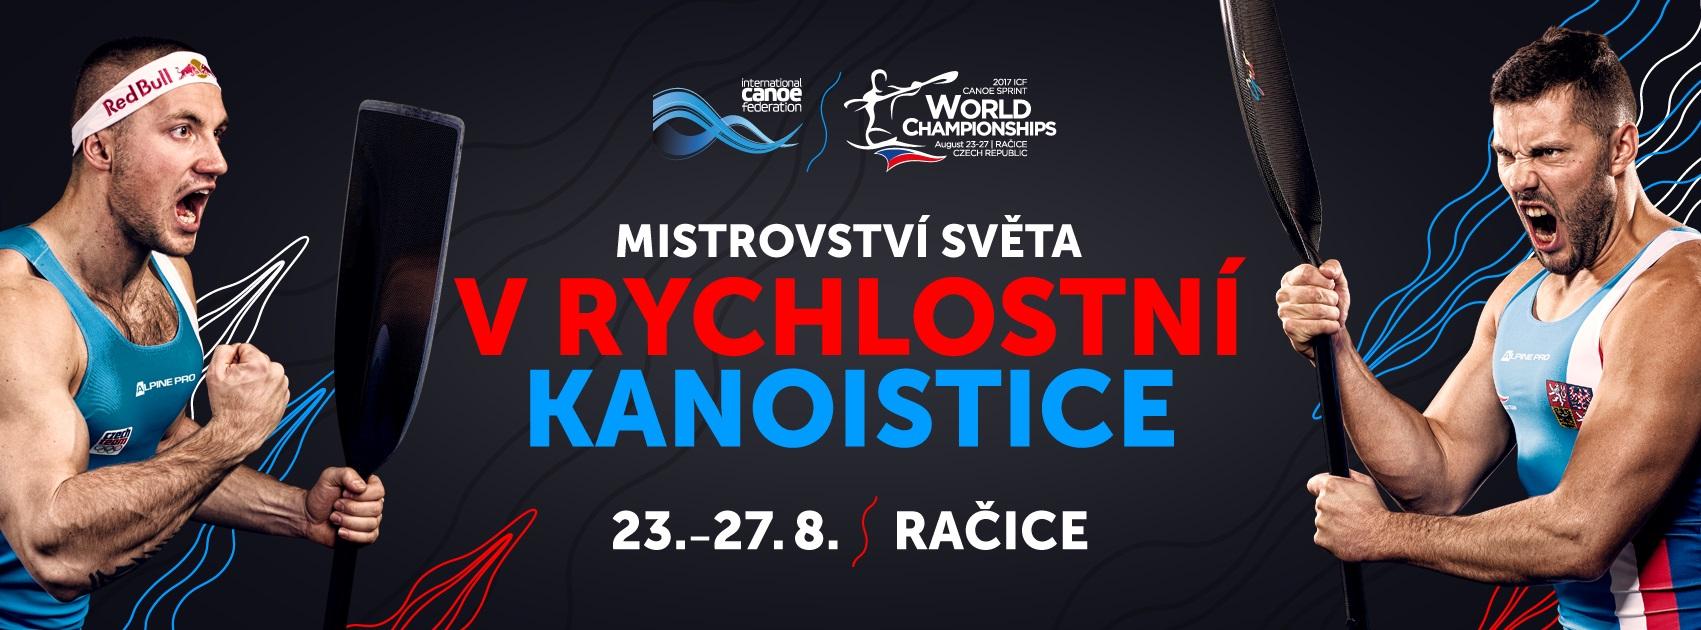 Vizuál mistrovství světa v rychlostní kanoistice 2017